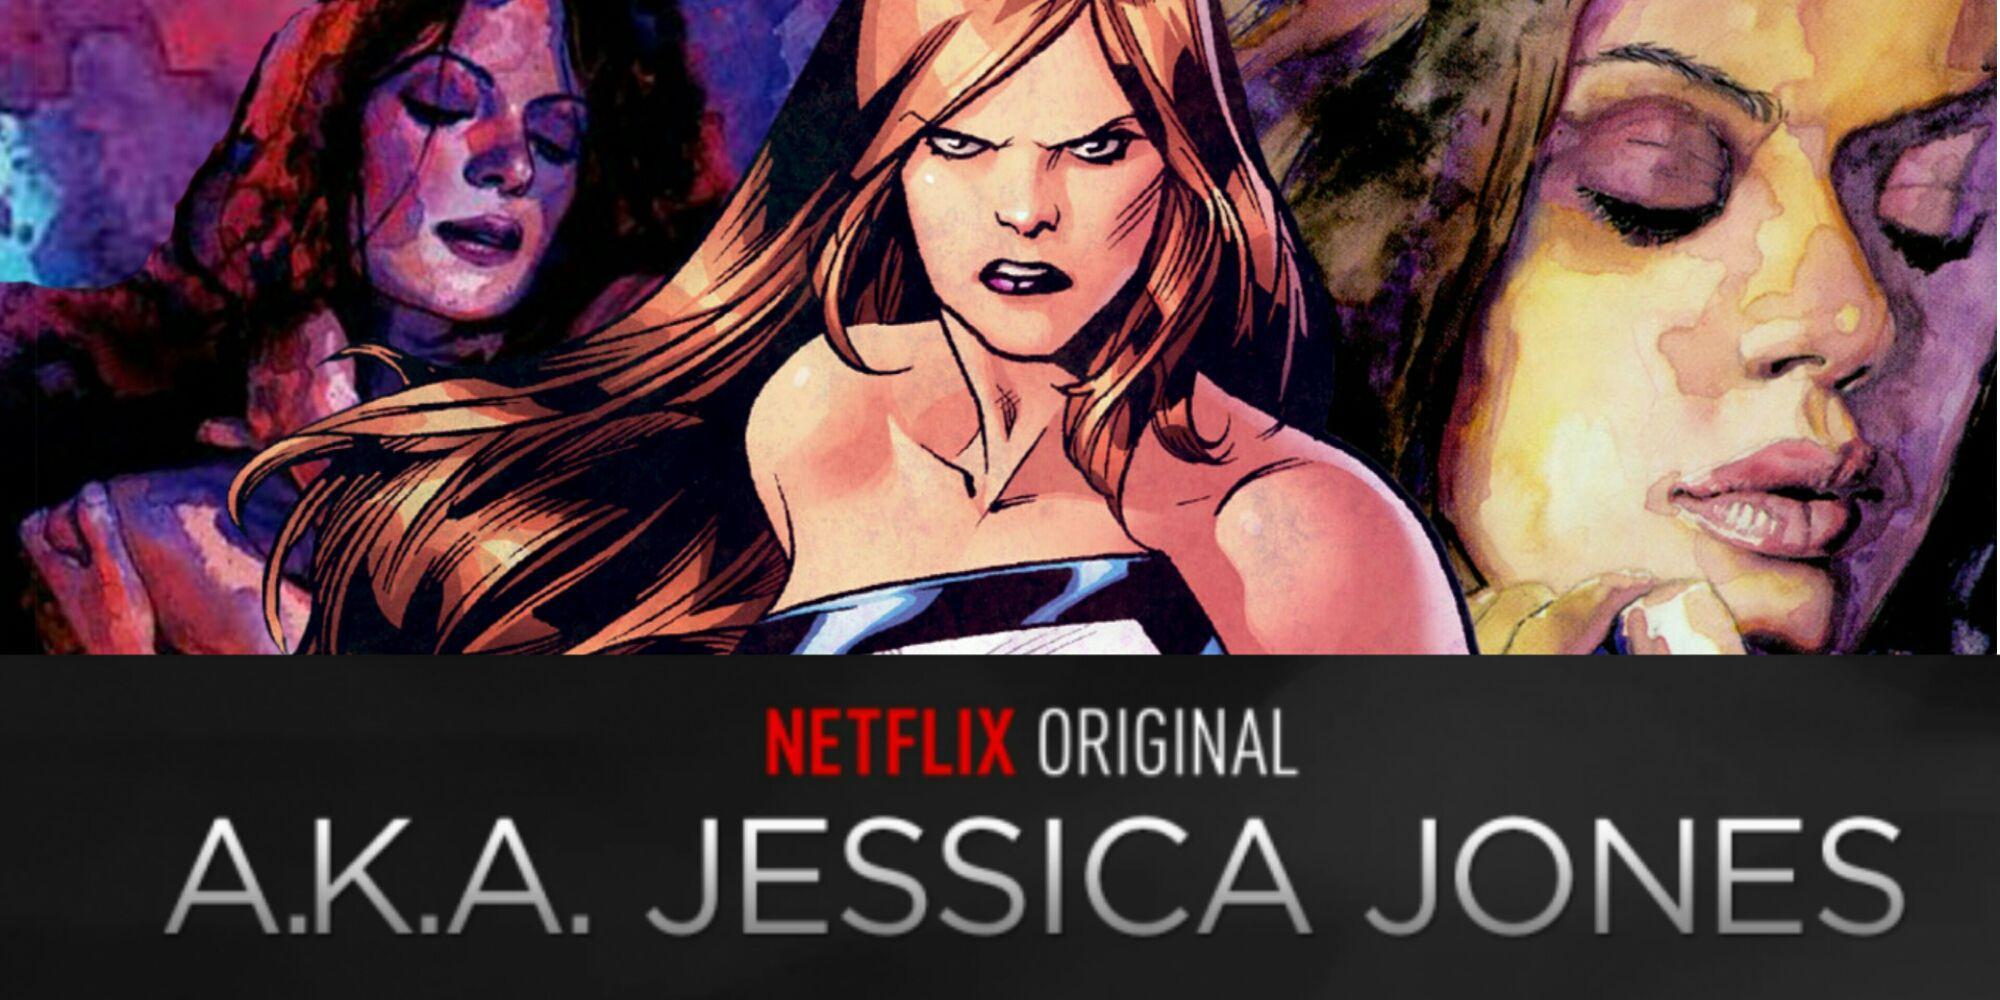 Jessica Jones TV HD wallpapers free download